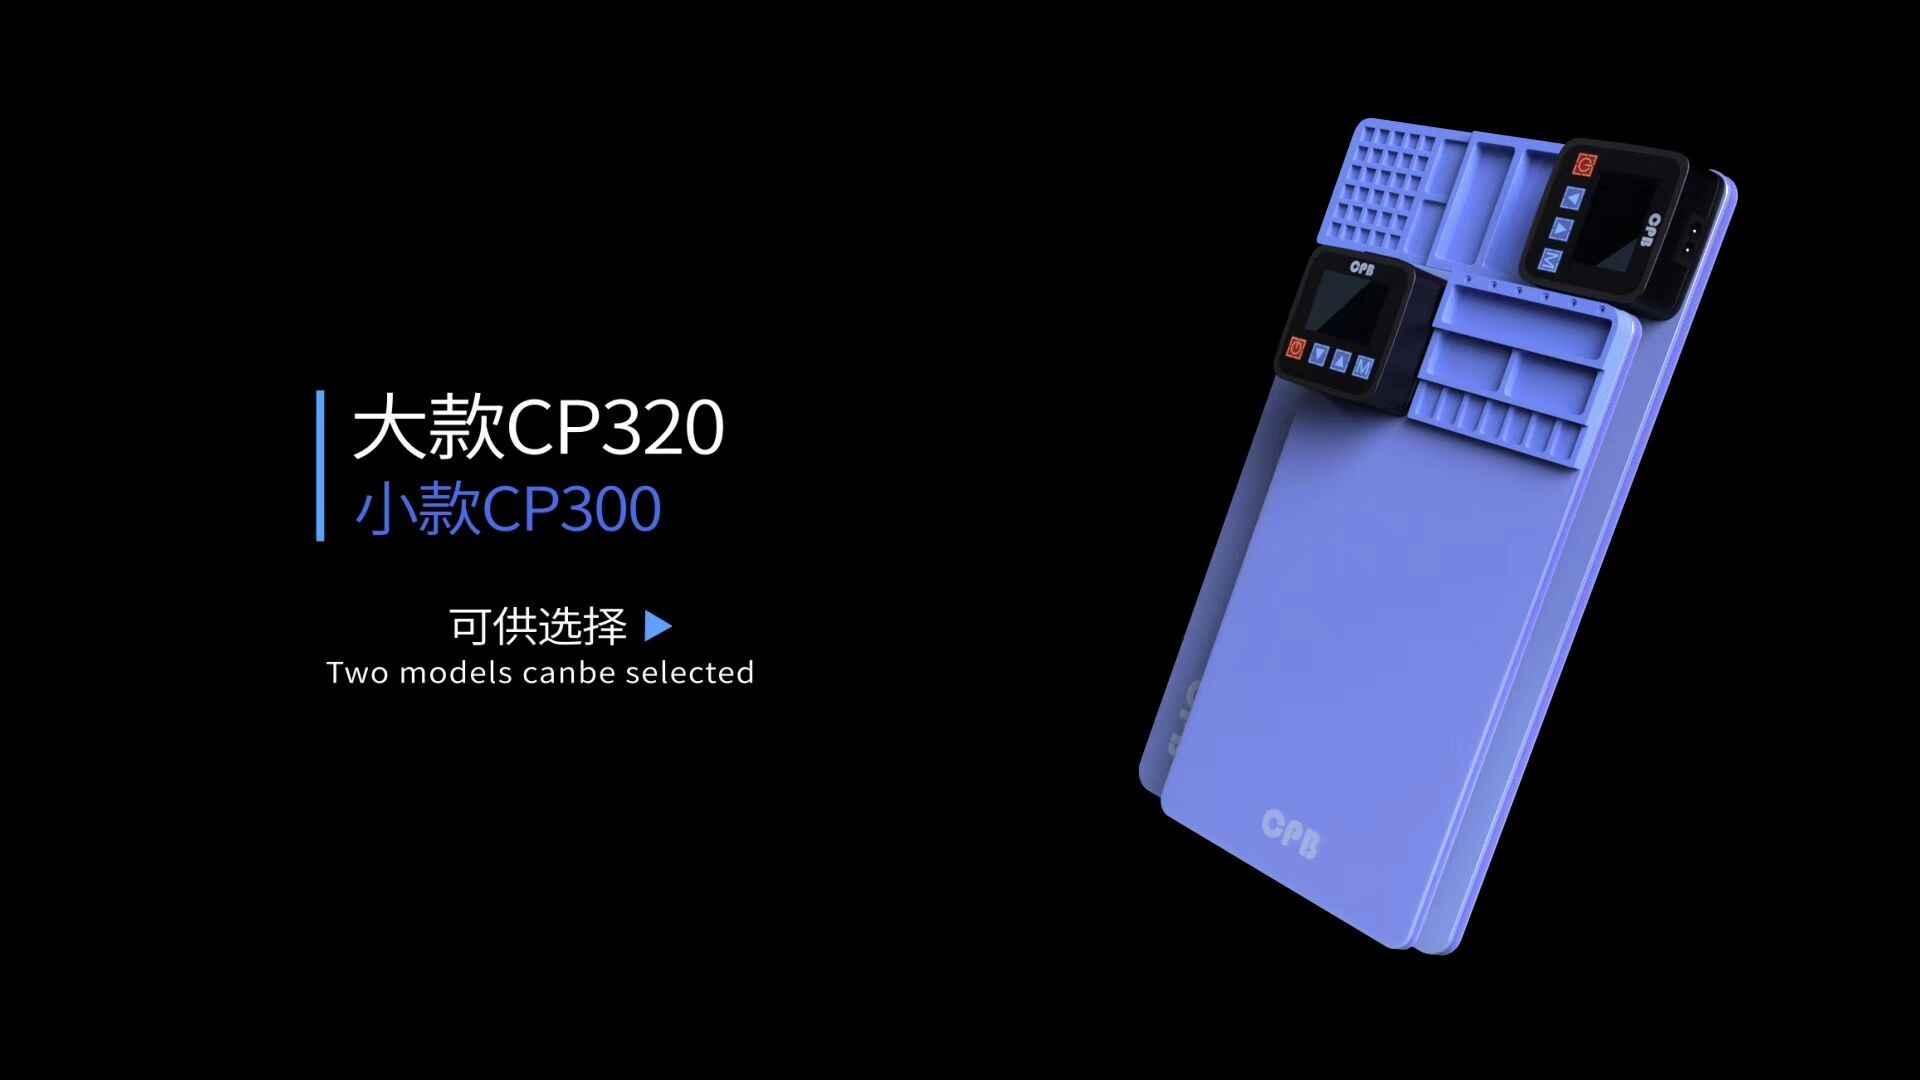 CPB Layar Pemanasan Silikon Pad LCD Separator untuk Mobile Phone Ipad Samsung Layar Sentuh Terpisah Buka Refurbish Alat